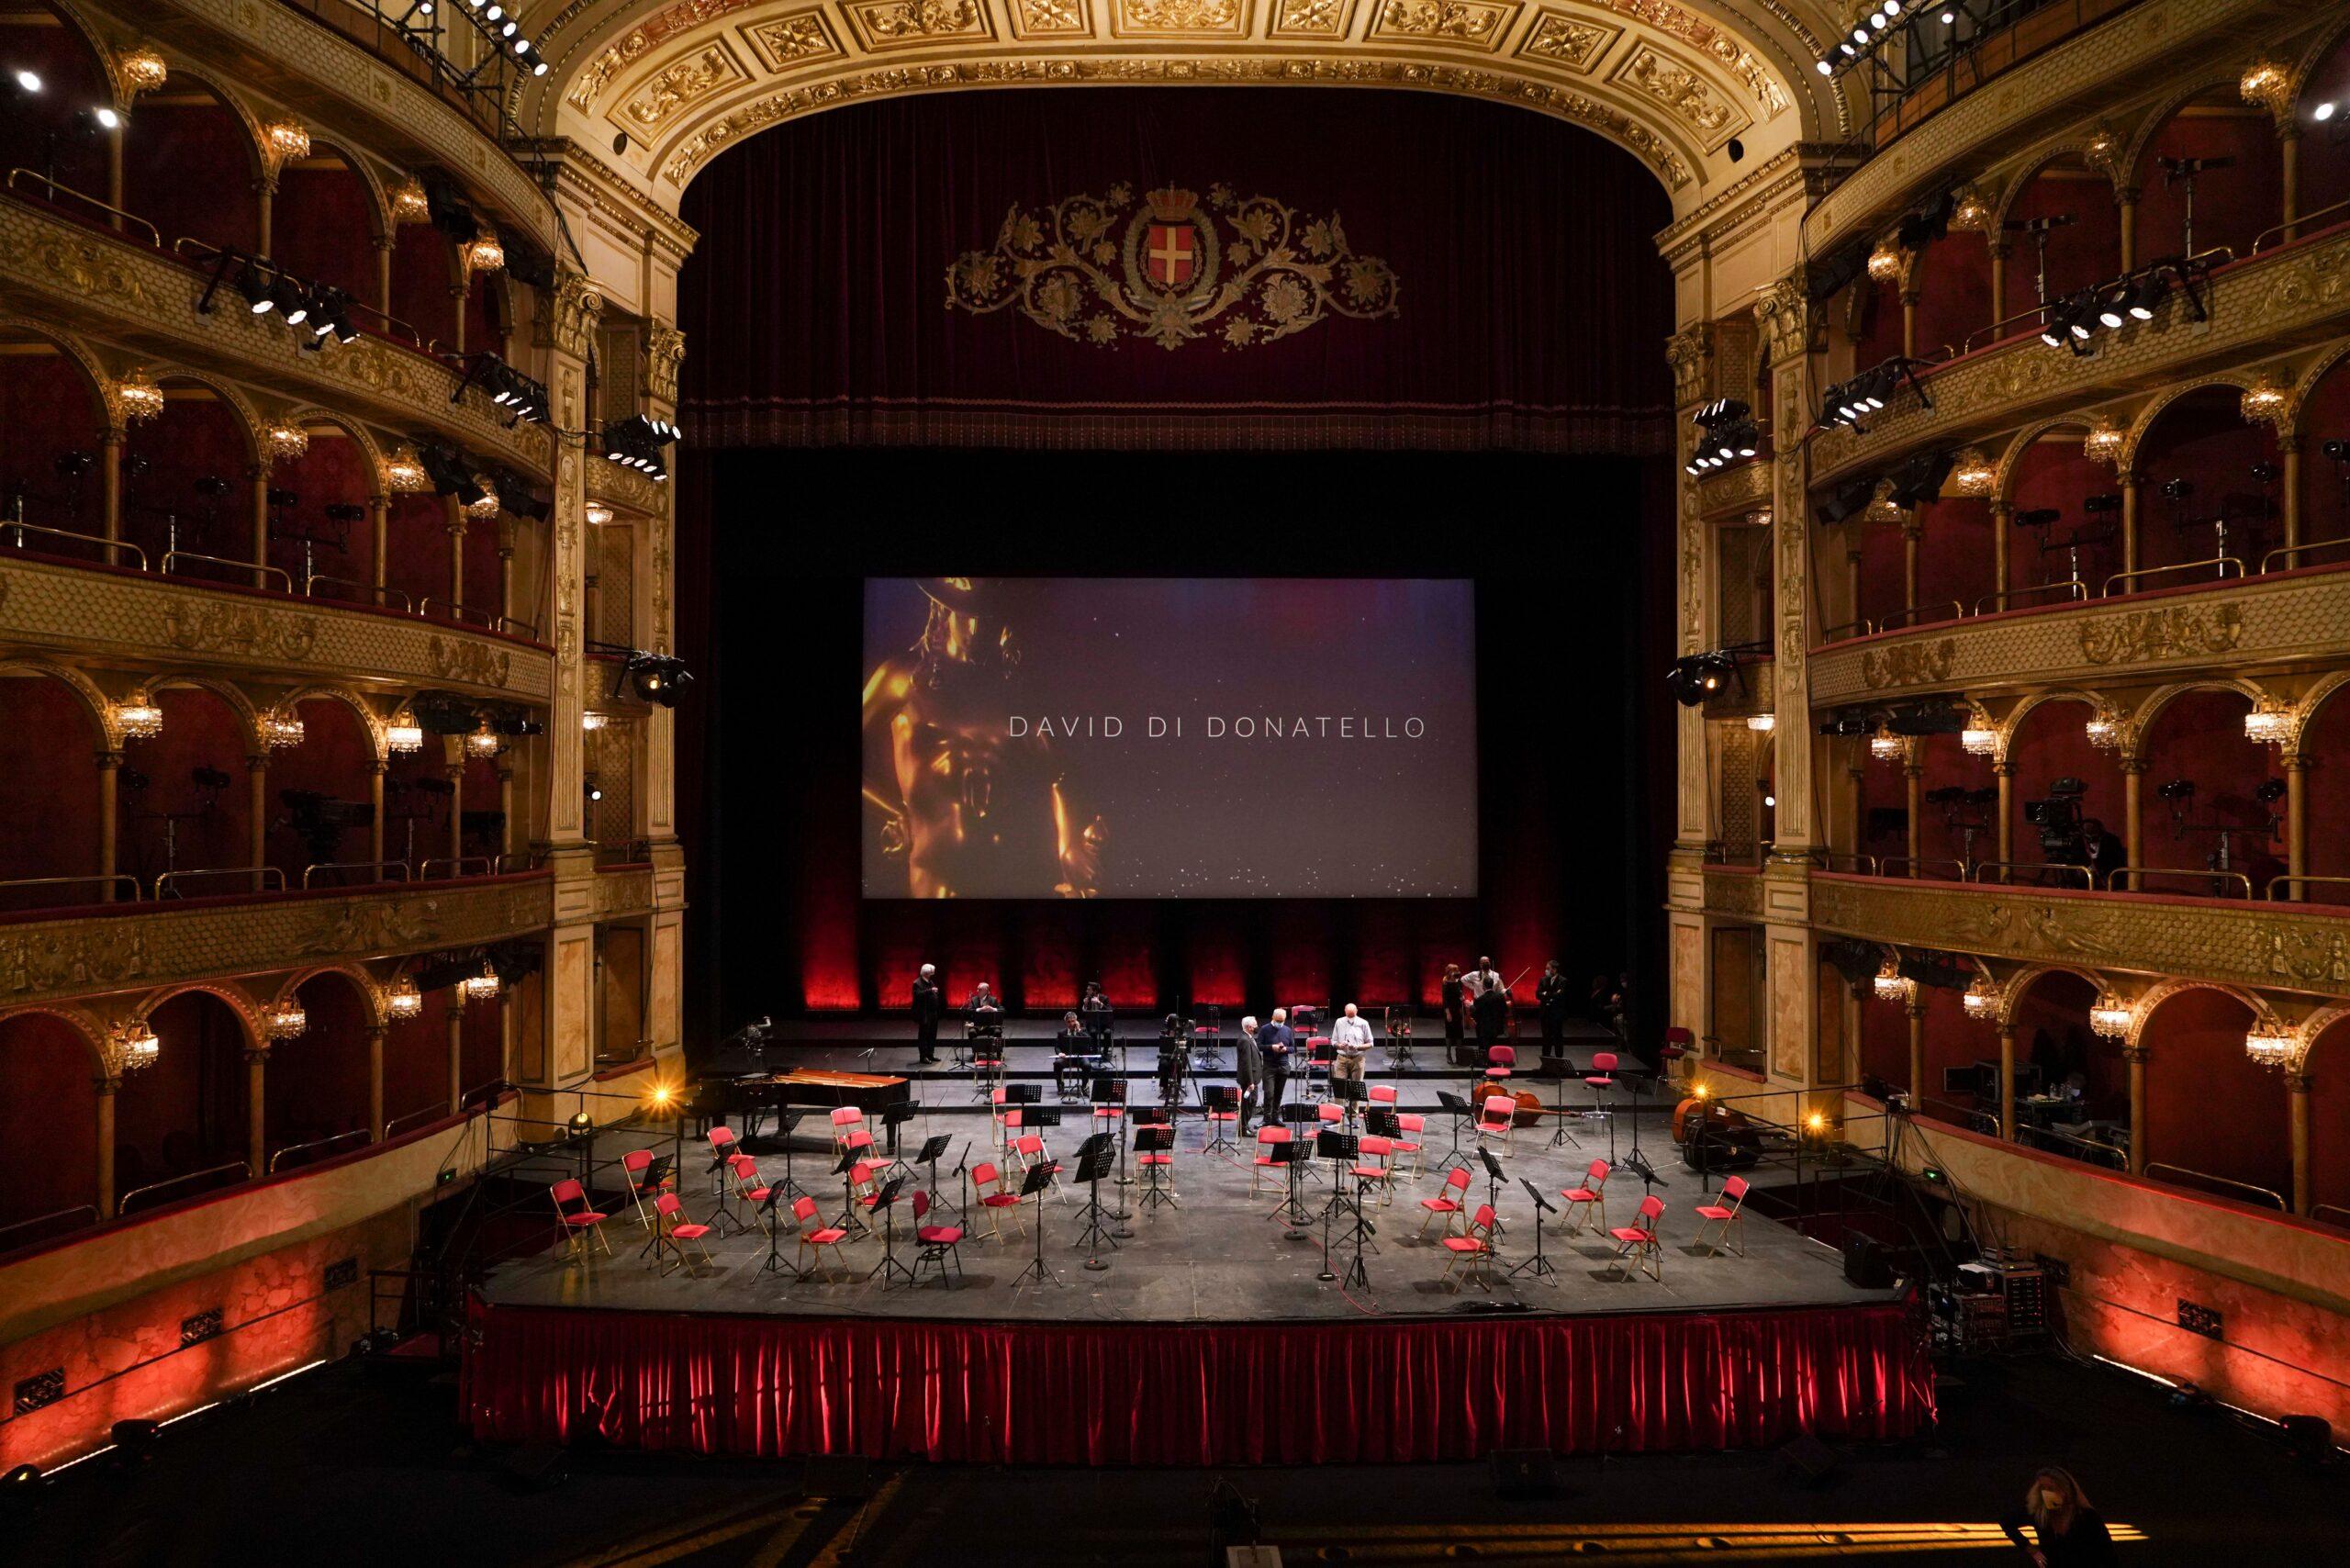 David di Donatello 2021 dal Teatro dell'Opera di Roma. Foto di proprietà dell'Accademia del Cinema Italiano – Premi David di Donatello © Emanuele Manco